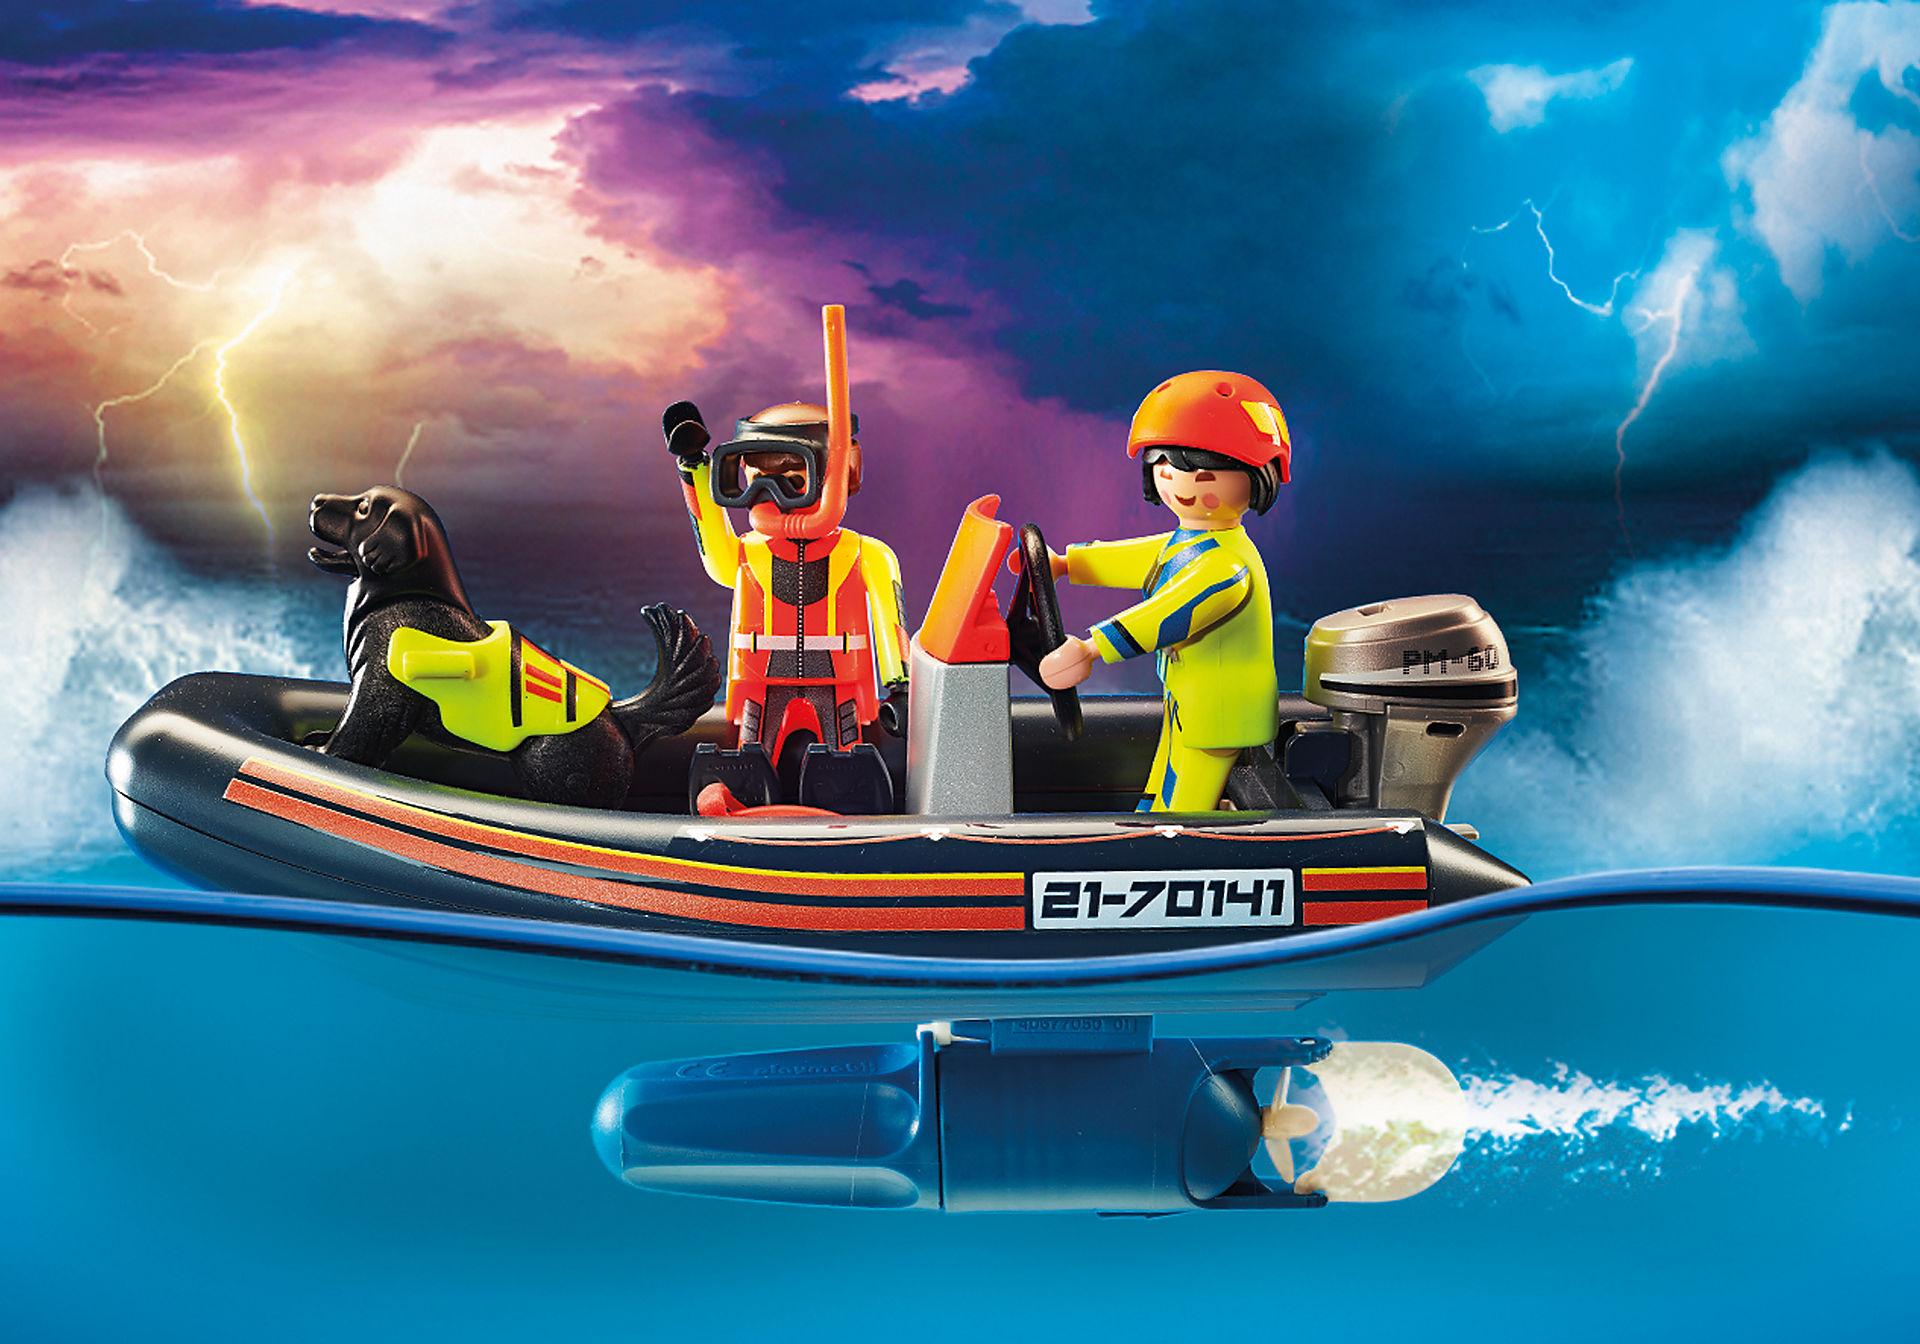 70141 Skibsredning: Polarsejler-redning med gummibåd zoom image4